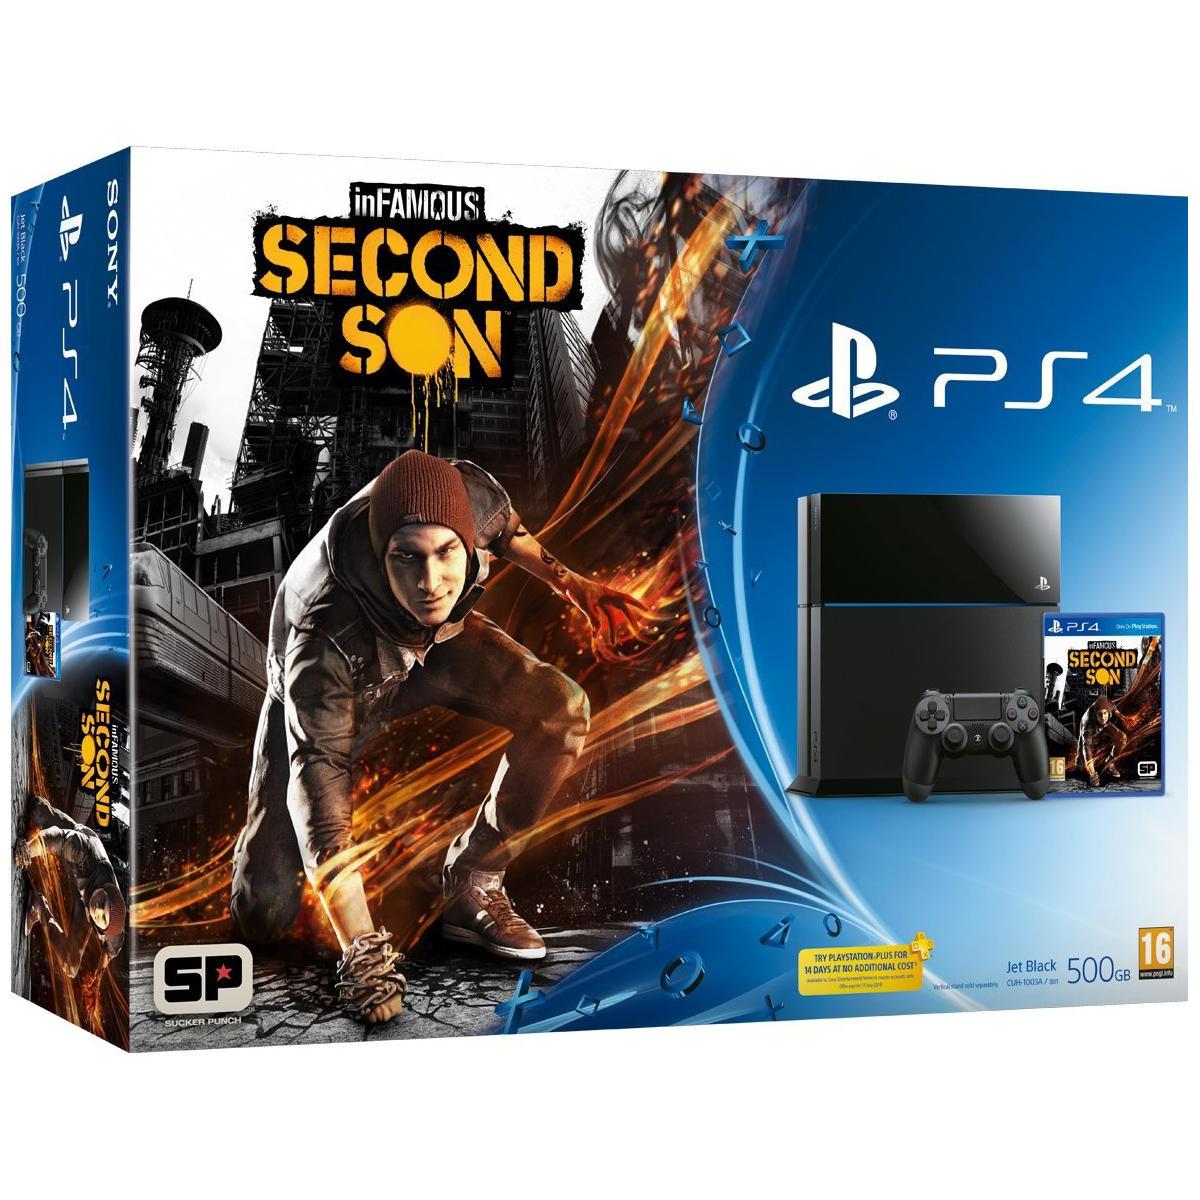 Console de jeux Sony PlayStation 4 + InFAMOUS Second Son Console PlayStation 4 500 Go + InFAMOUS Second Son